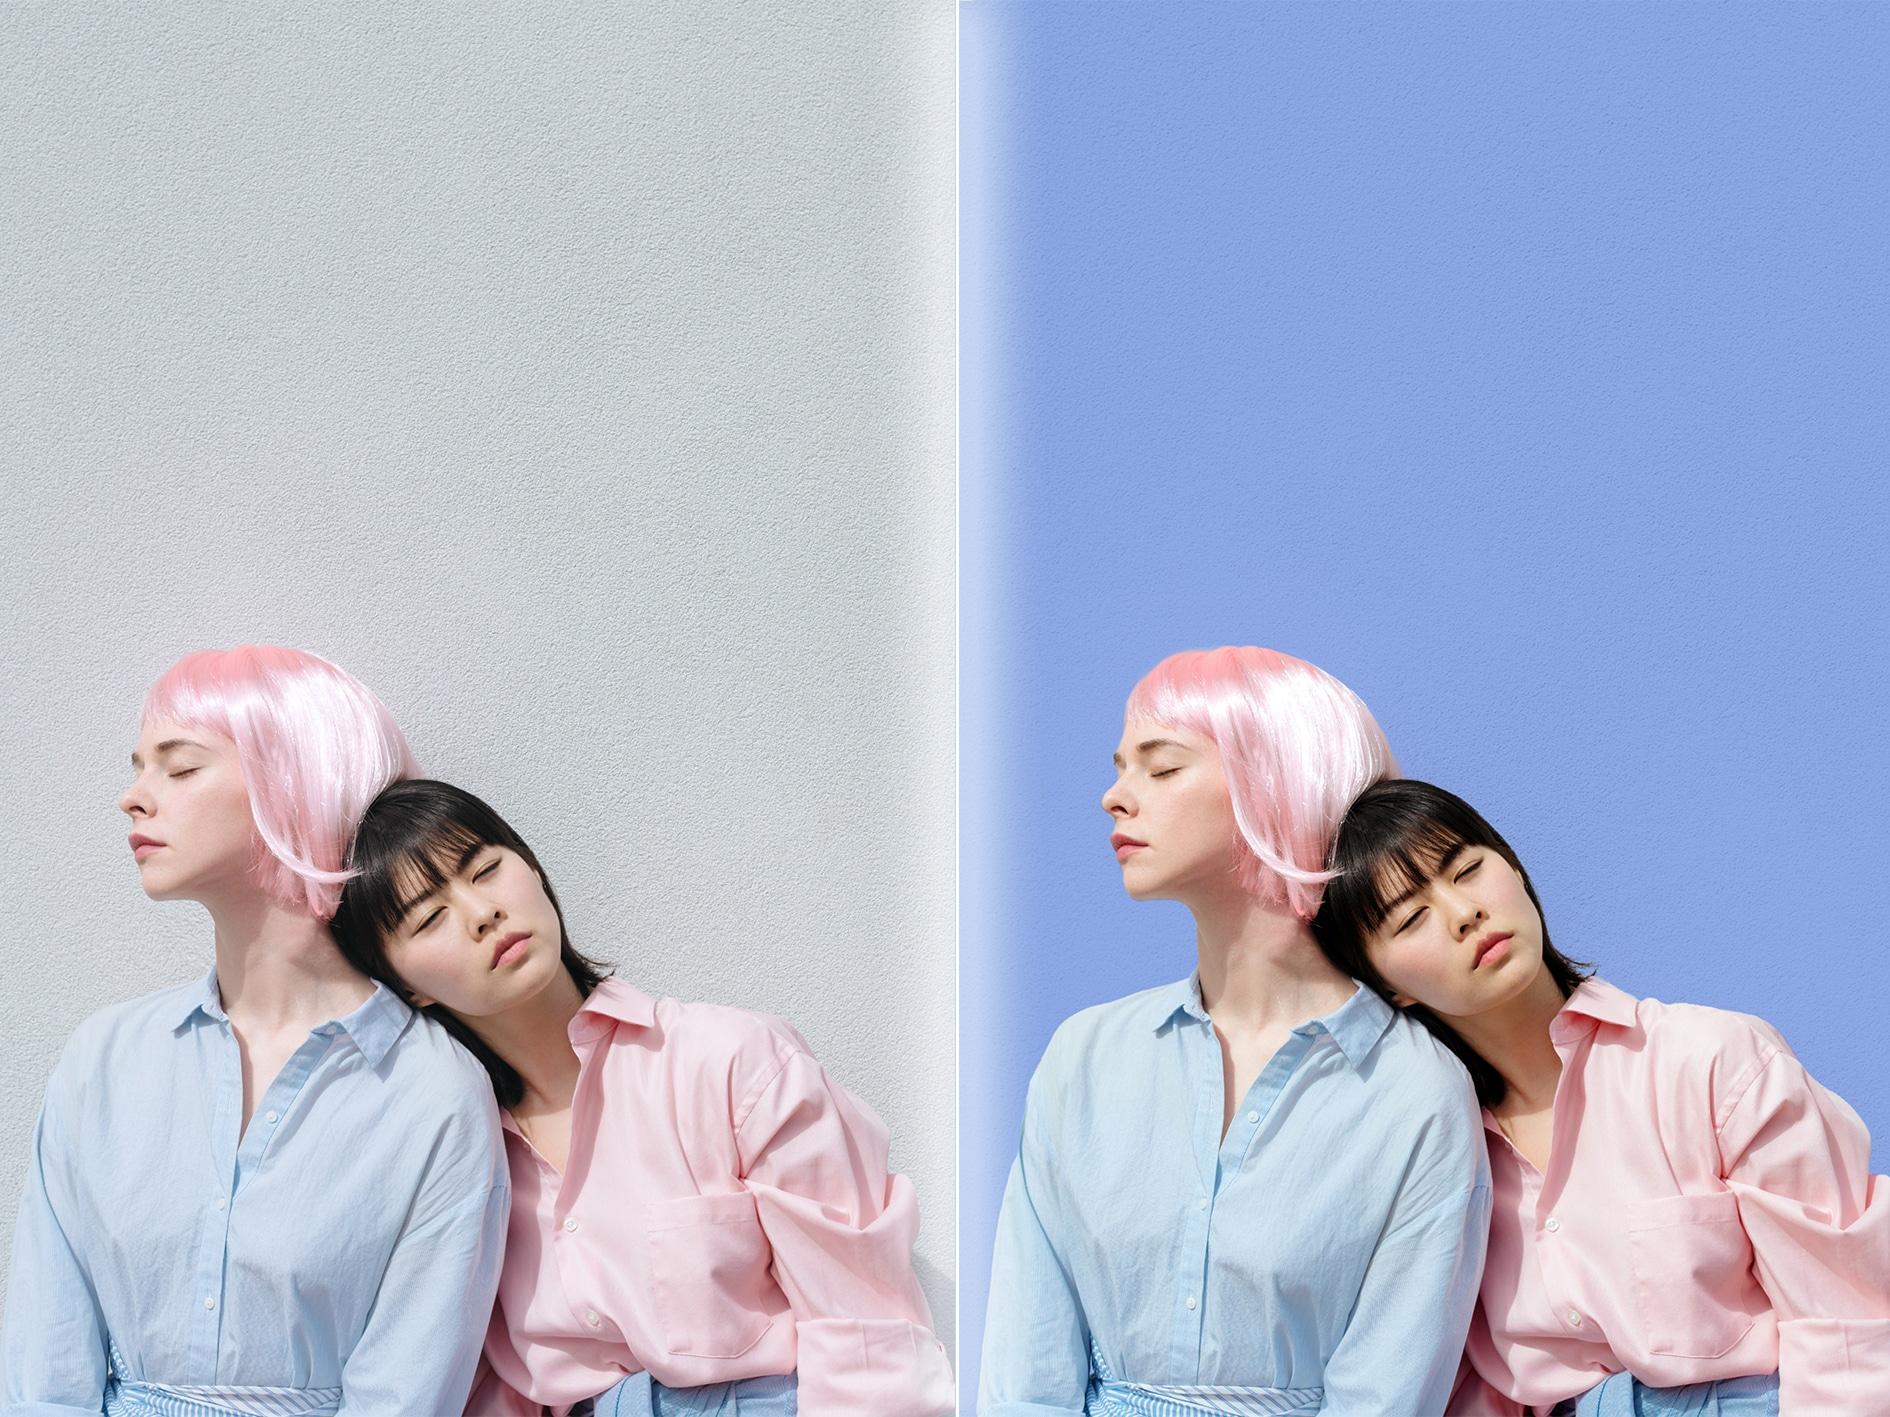 Cómo cambiar el color del fondo en photoshop